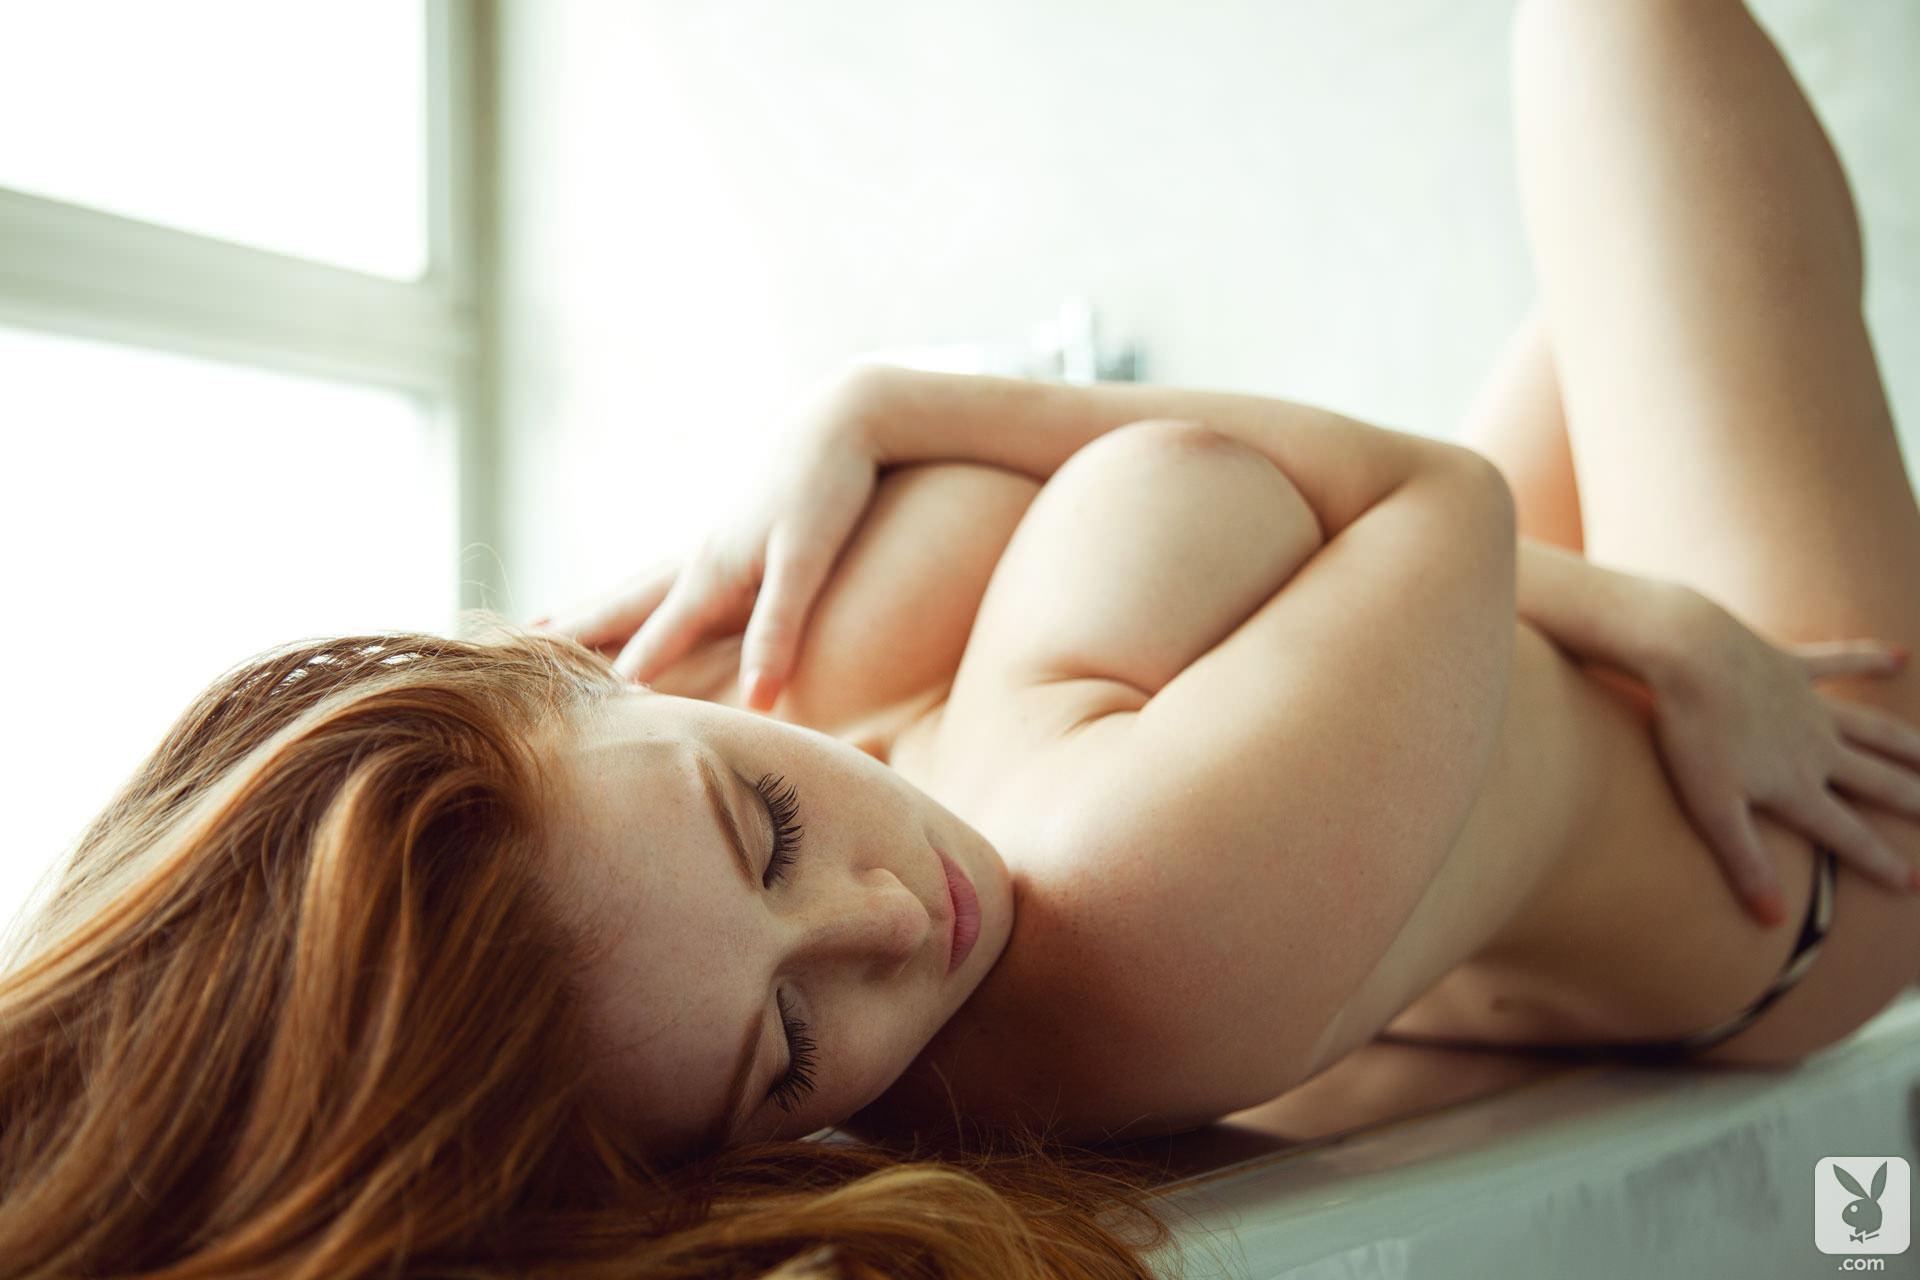 Рыжая девушка с красивым телом 22 фотография